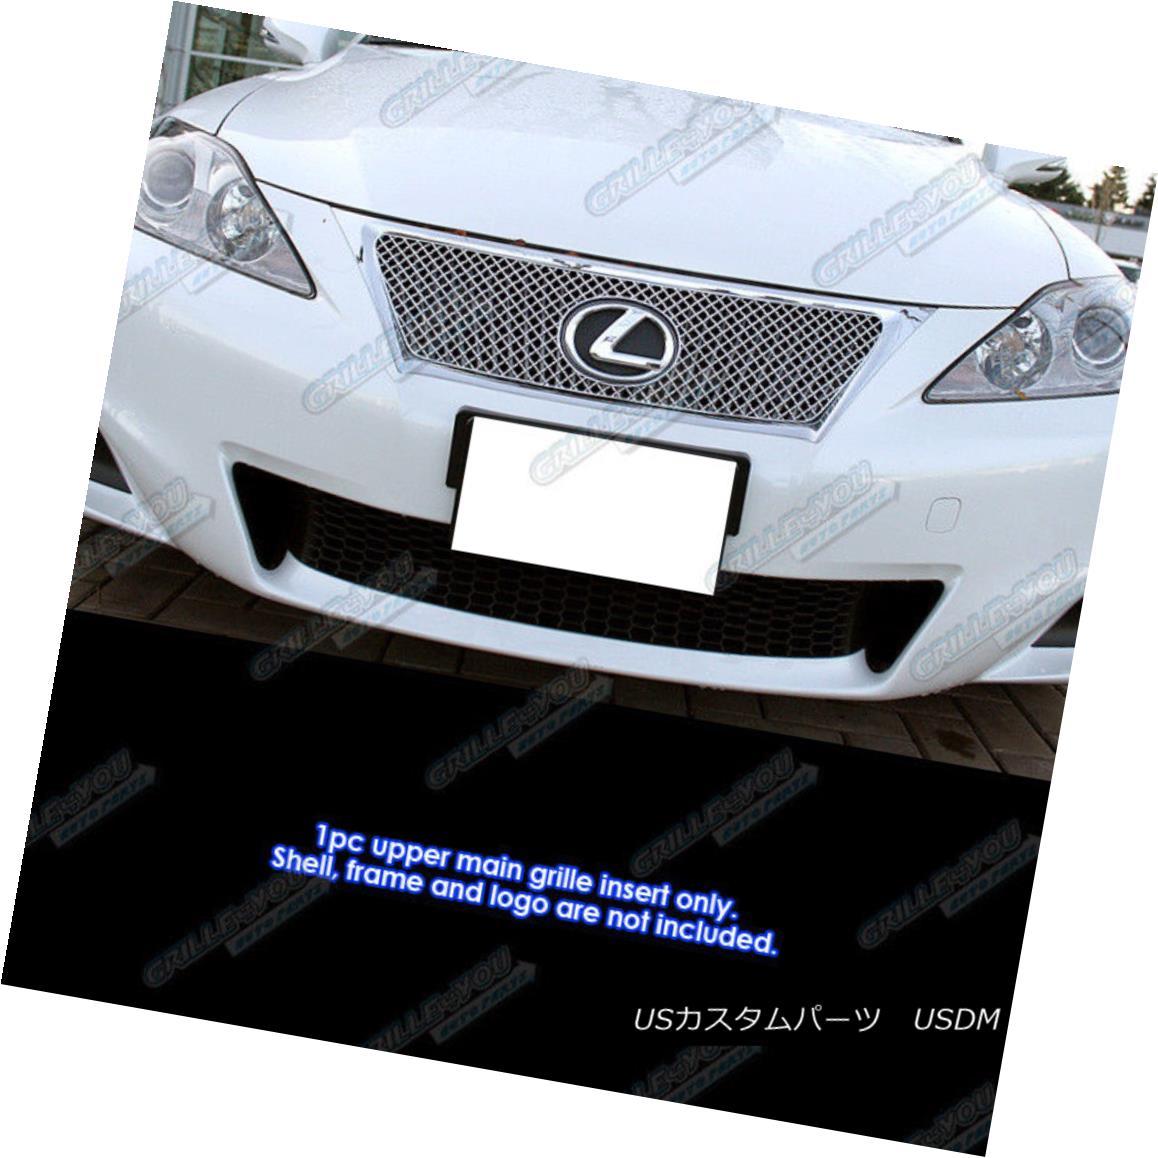 グリル Fits 2012-2013 Lexus IS 250/350 Stainless Steel X Mesh Grille Insert フィット2012-2013レクサスIS 250/350ステンレス鋼Xメッシュグリルインサート